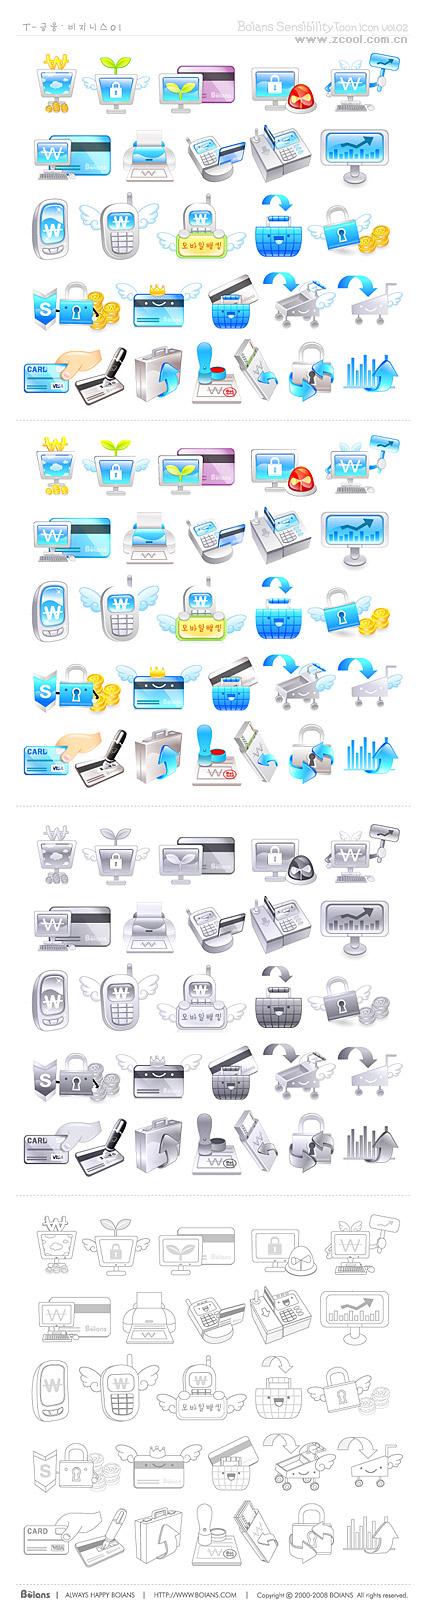 Lindo tema financiero icono material de vectores